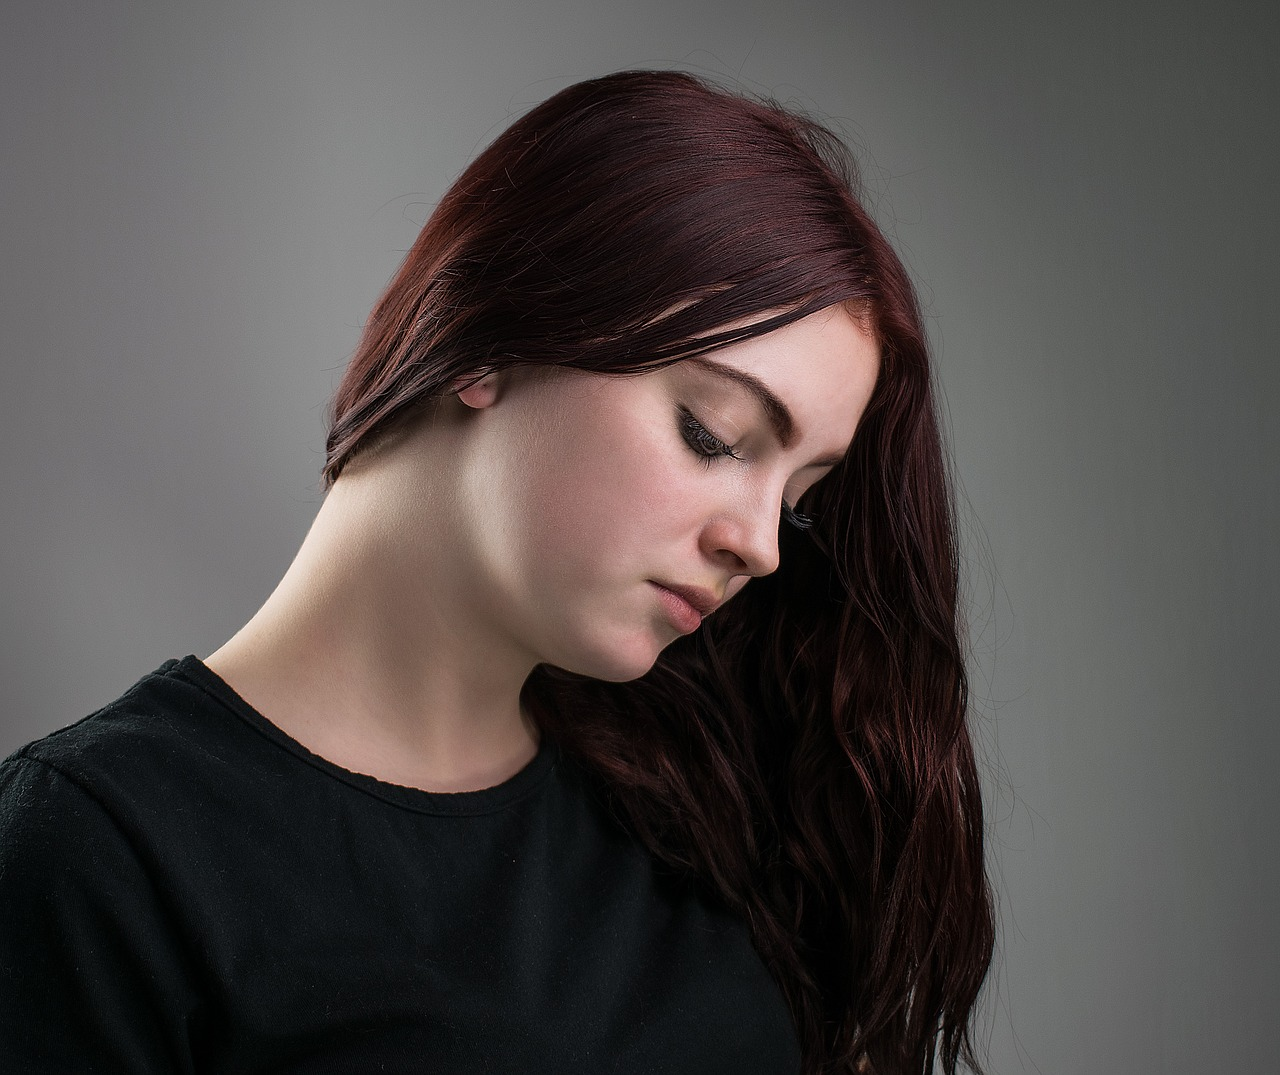 woman-3161009_1280